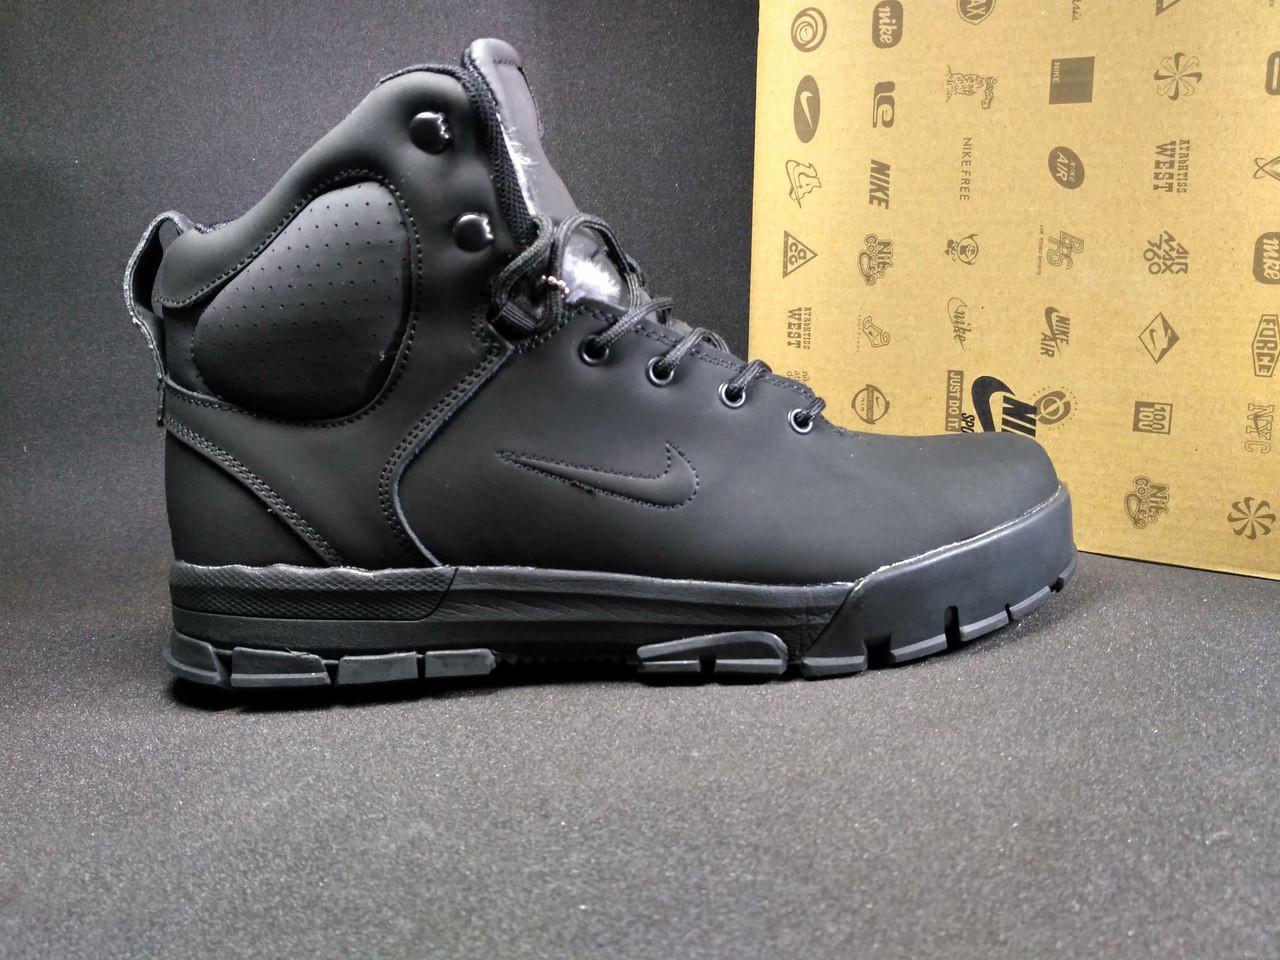 Ботинки Nike мужские на меху (черные), ТОП-реплика